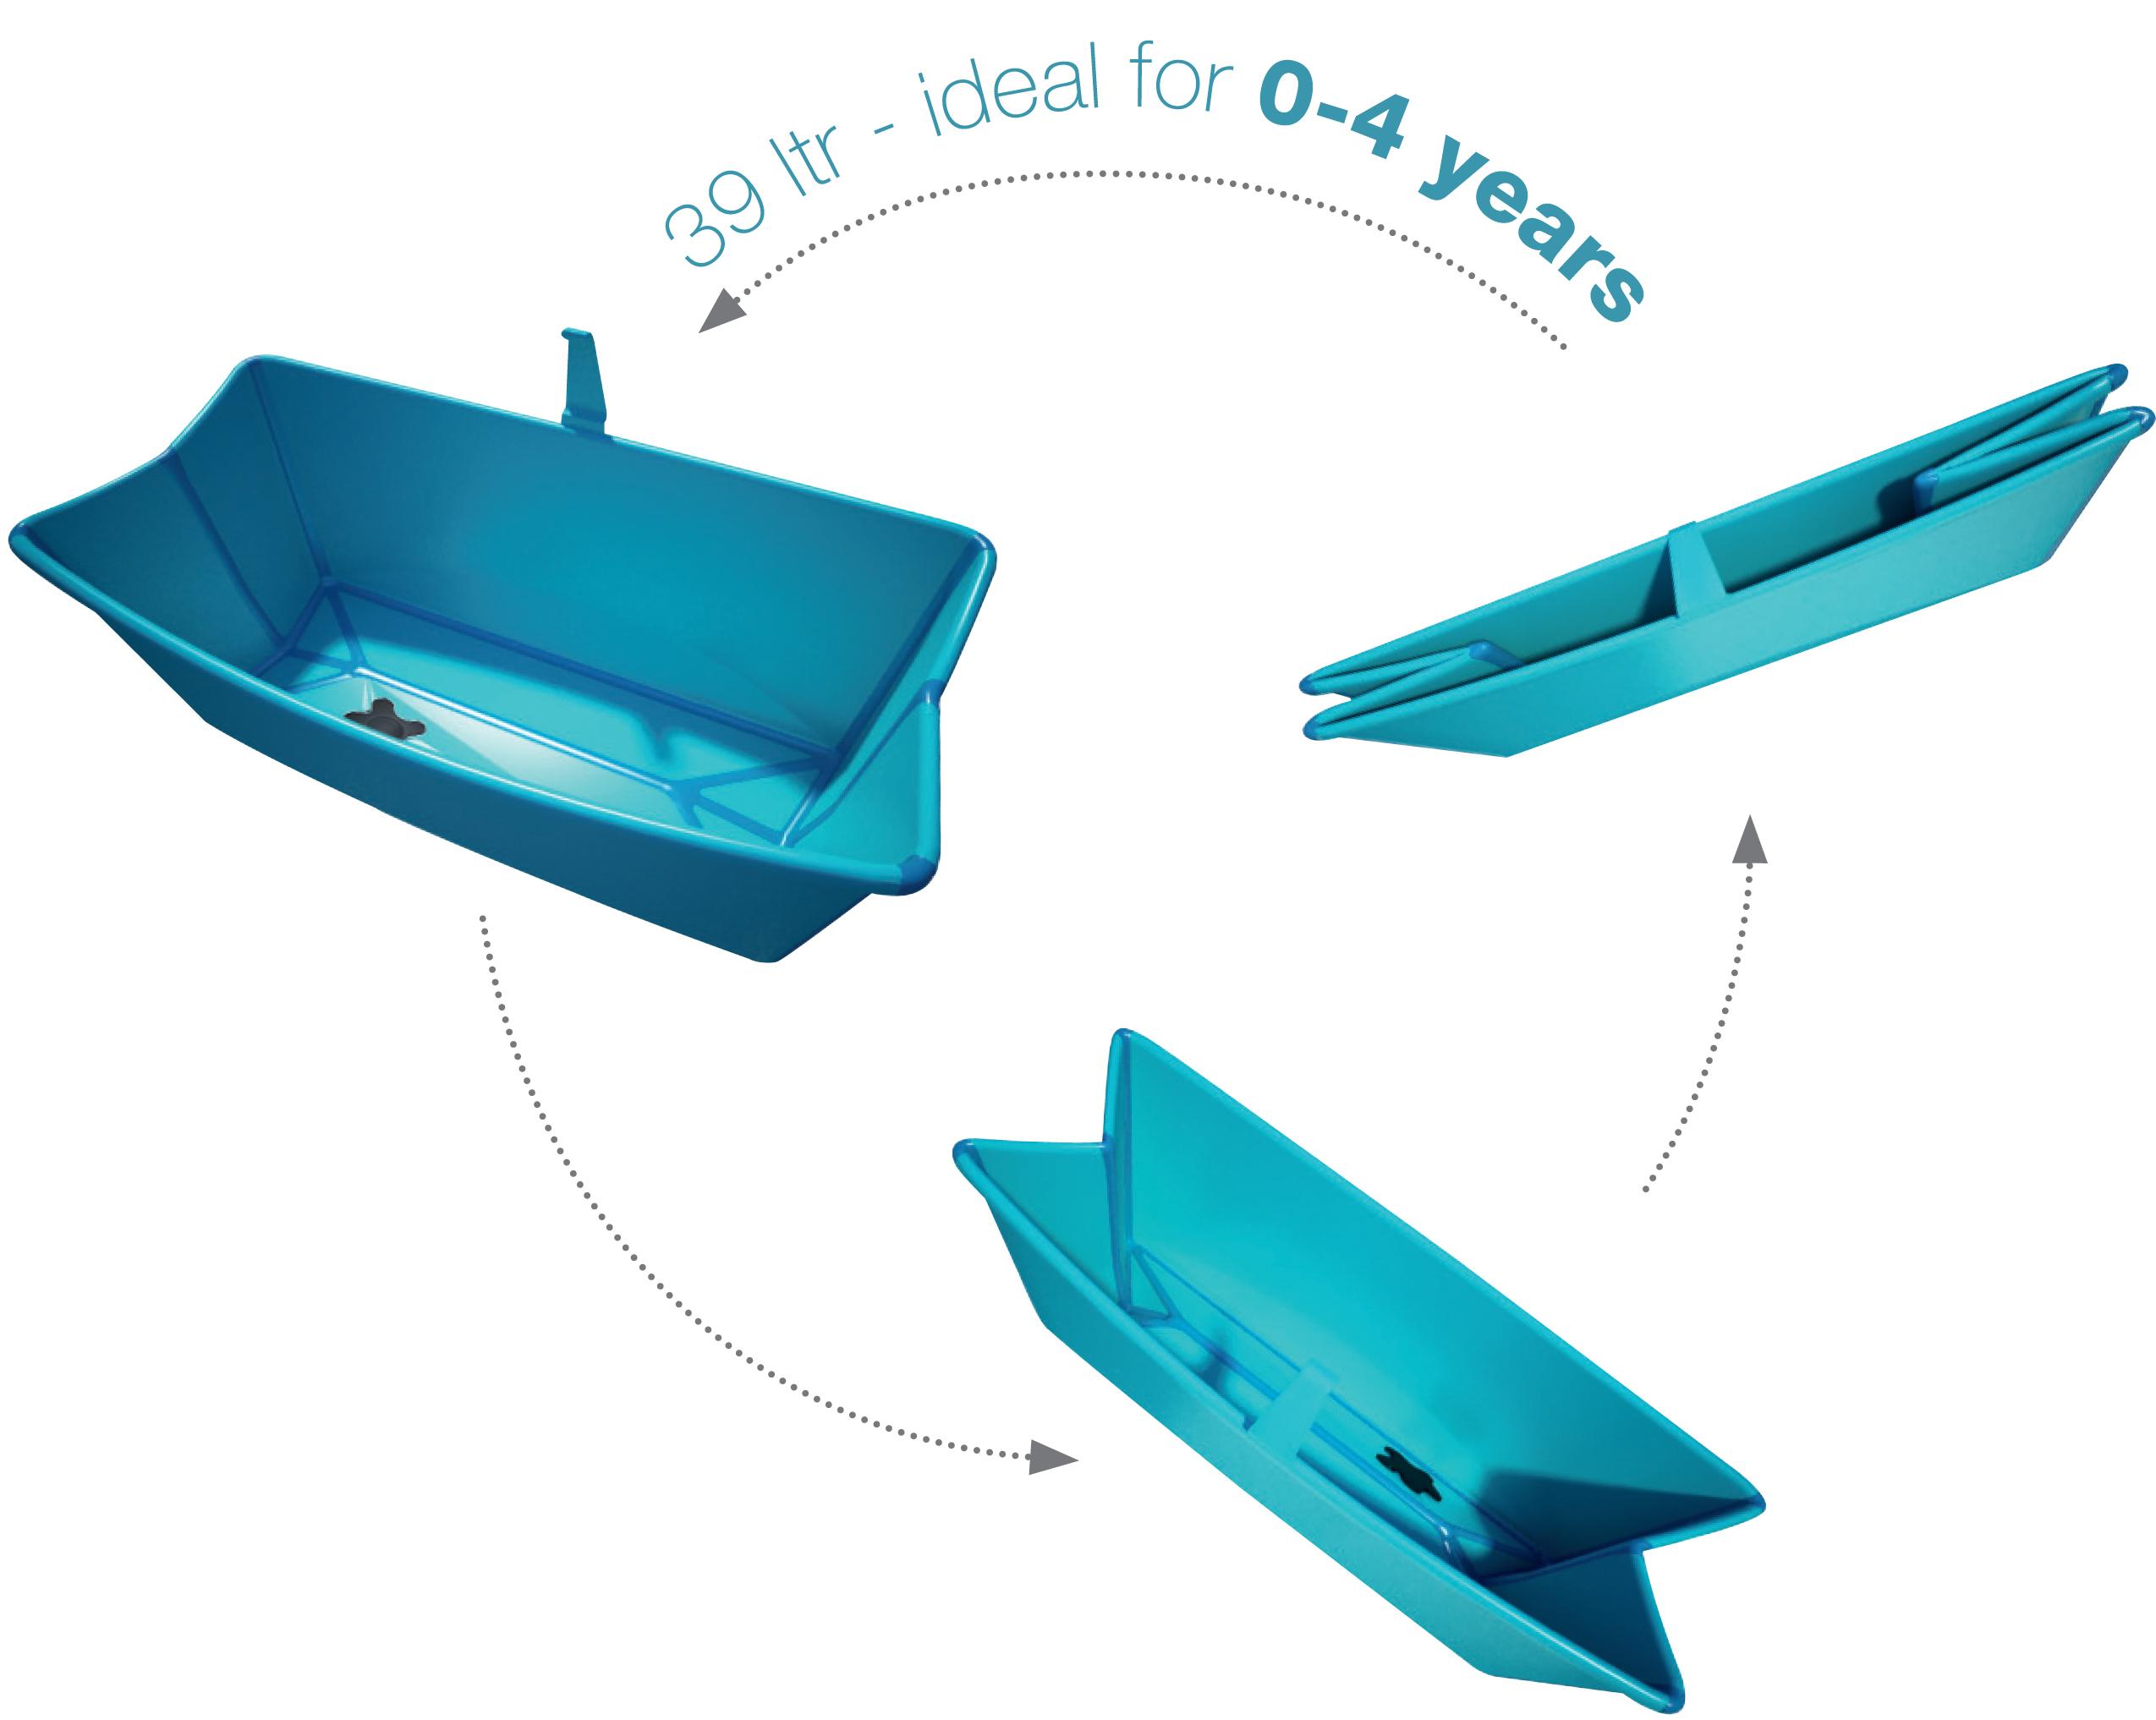 Portable Bathtub For Toddler - Bathtub Ideas